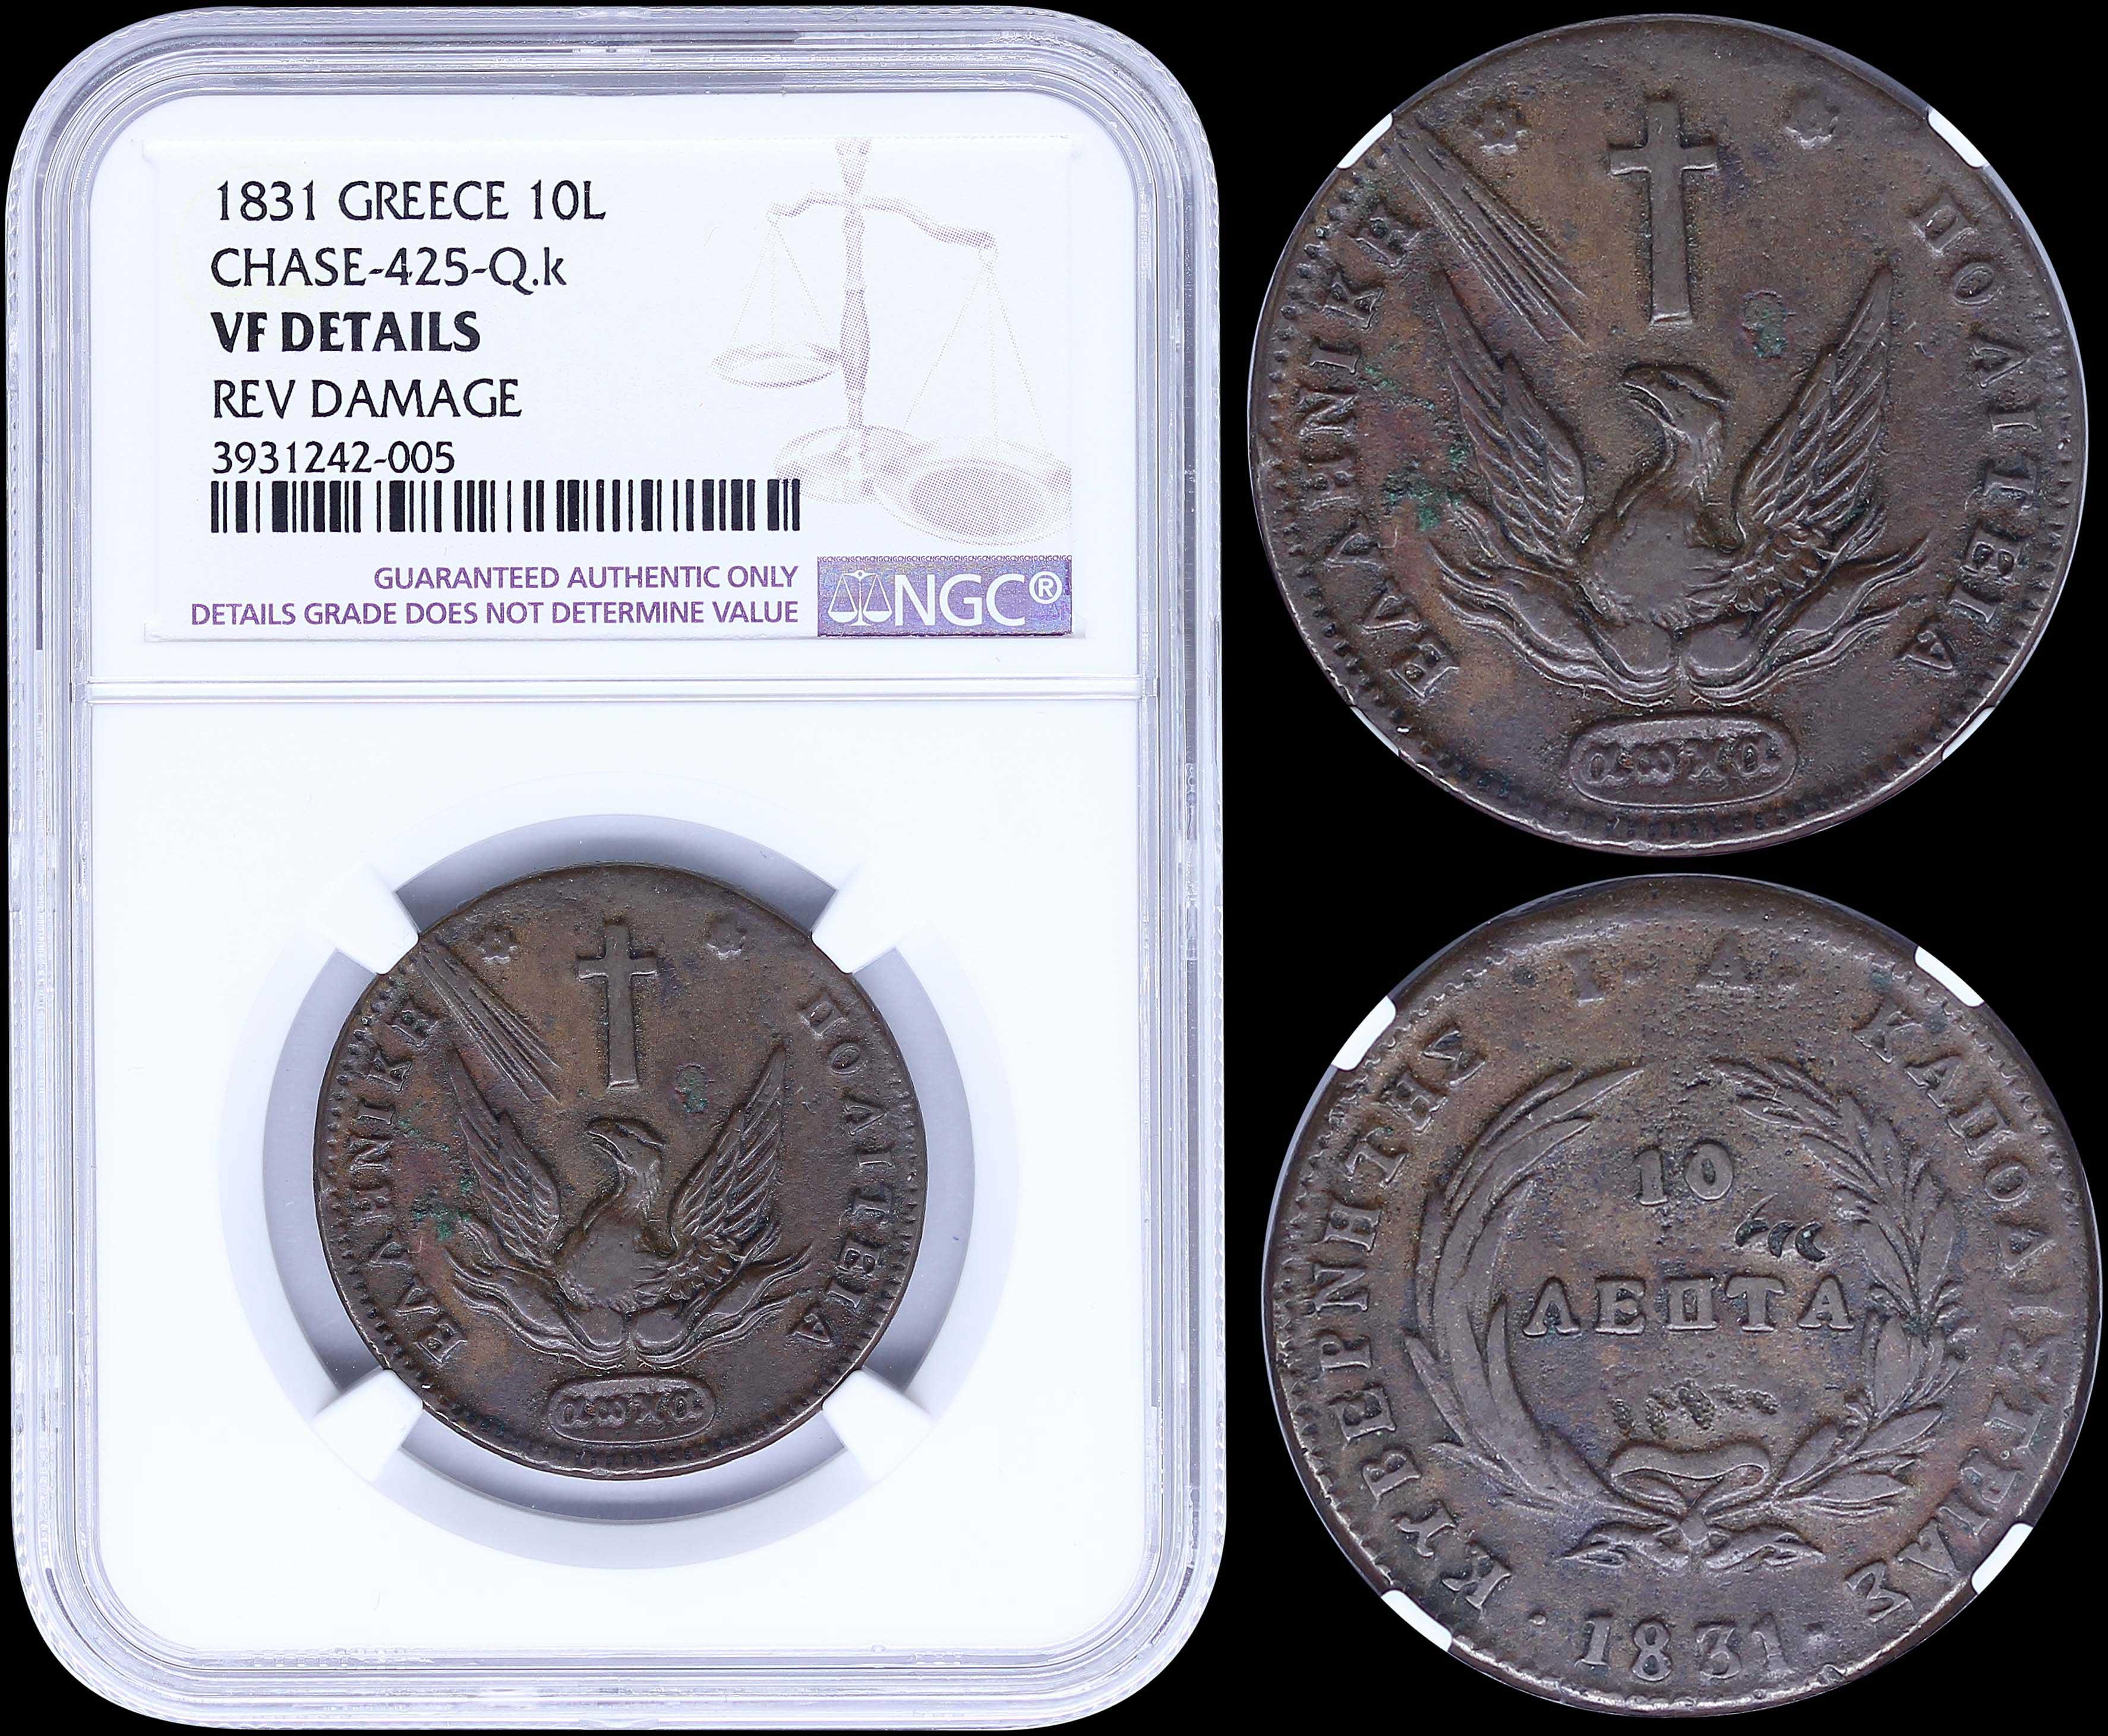 Lot 6010 - -  COINS & TOKENS governor capodistrias -  A. Karamitsos Live Bid Auction Coins, Medals & Banknotes